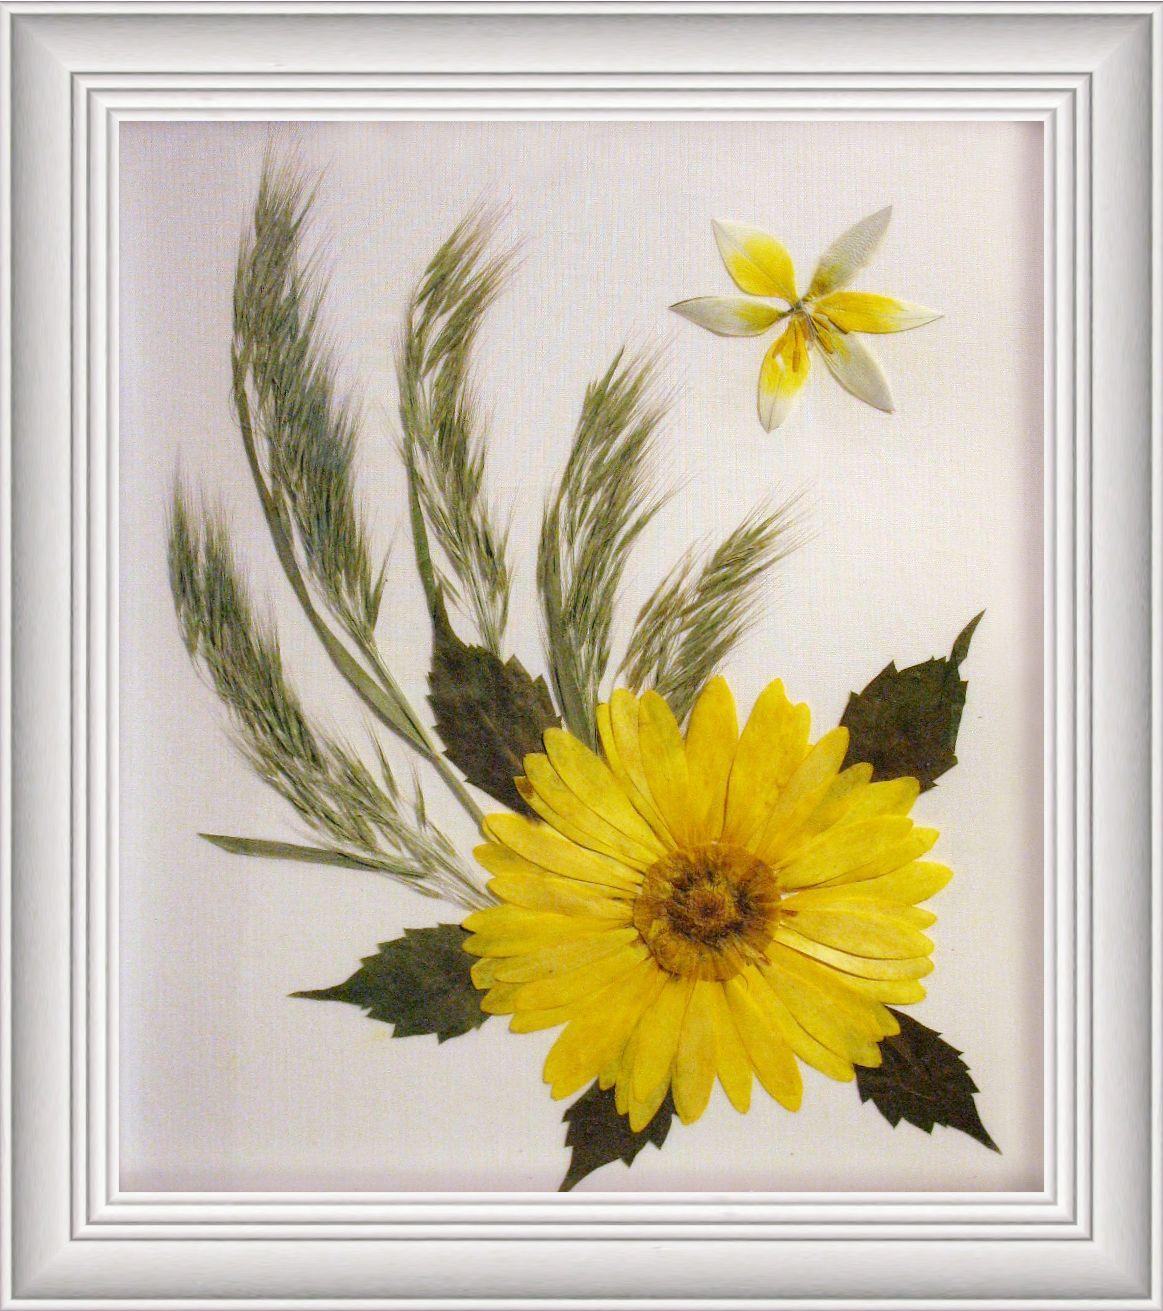 Evelyn Ruhnke Pressed Flowers Algona, Iowa 50511 | Pressed flowers ...